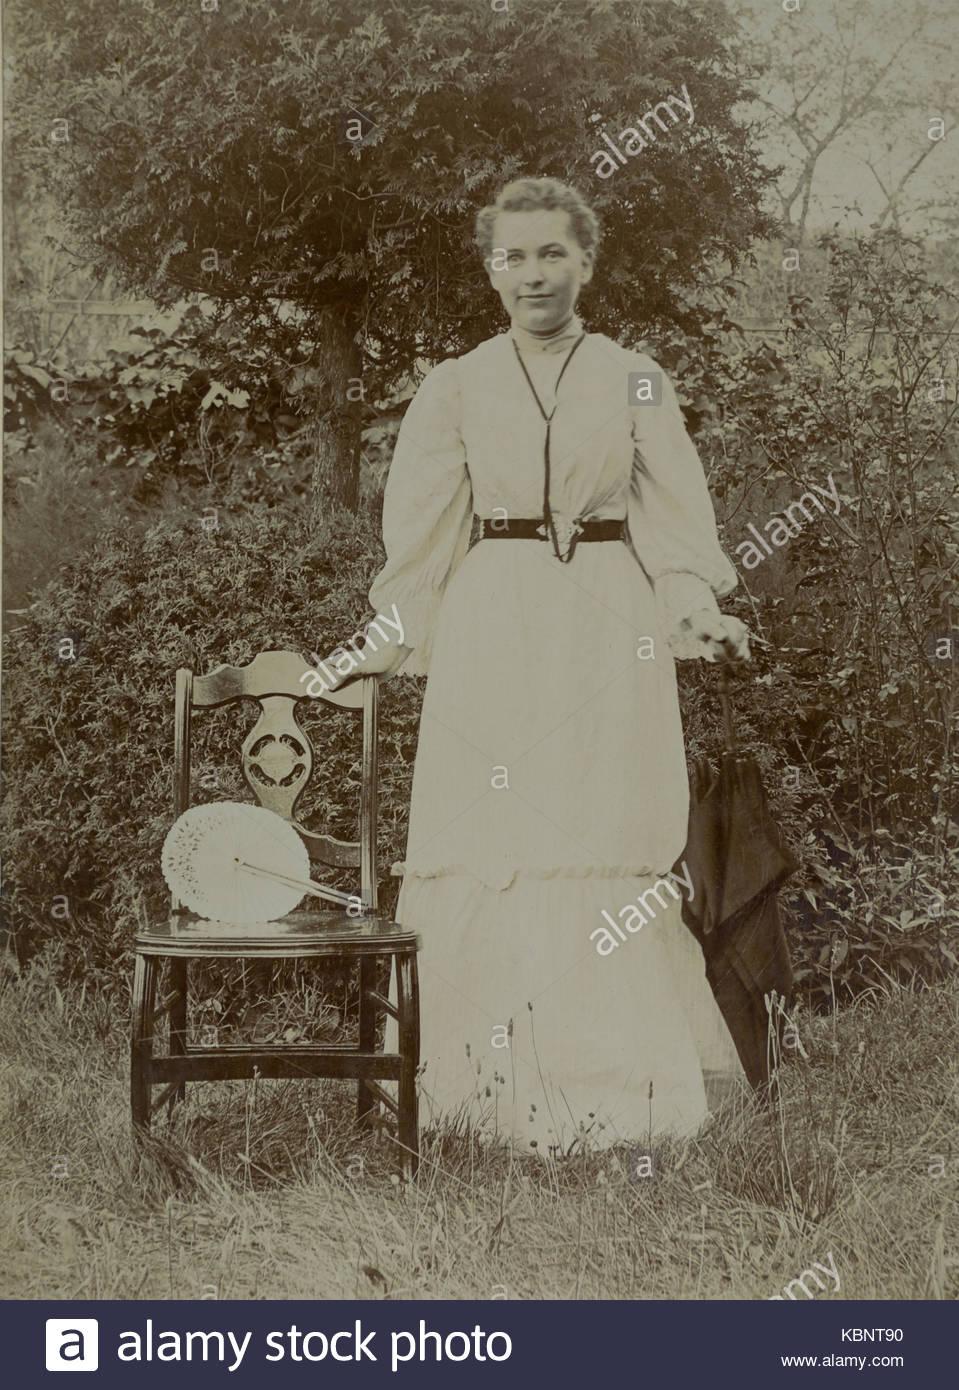 Archive américaine photo monochrome d'une jeune femme ou une jeune fille debout à côté d'une chaise dans un jardin Banque D'Images